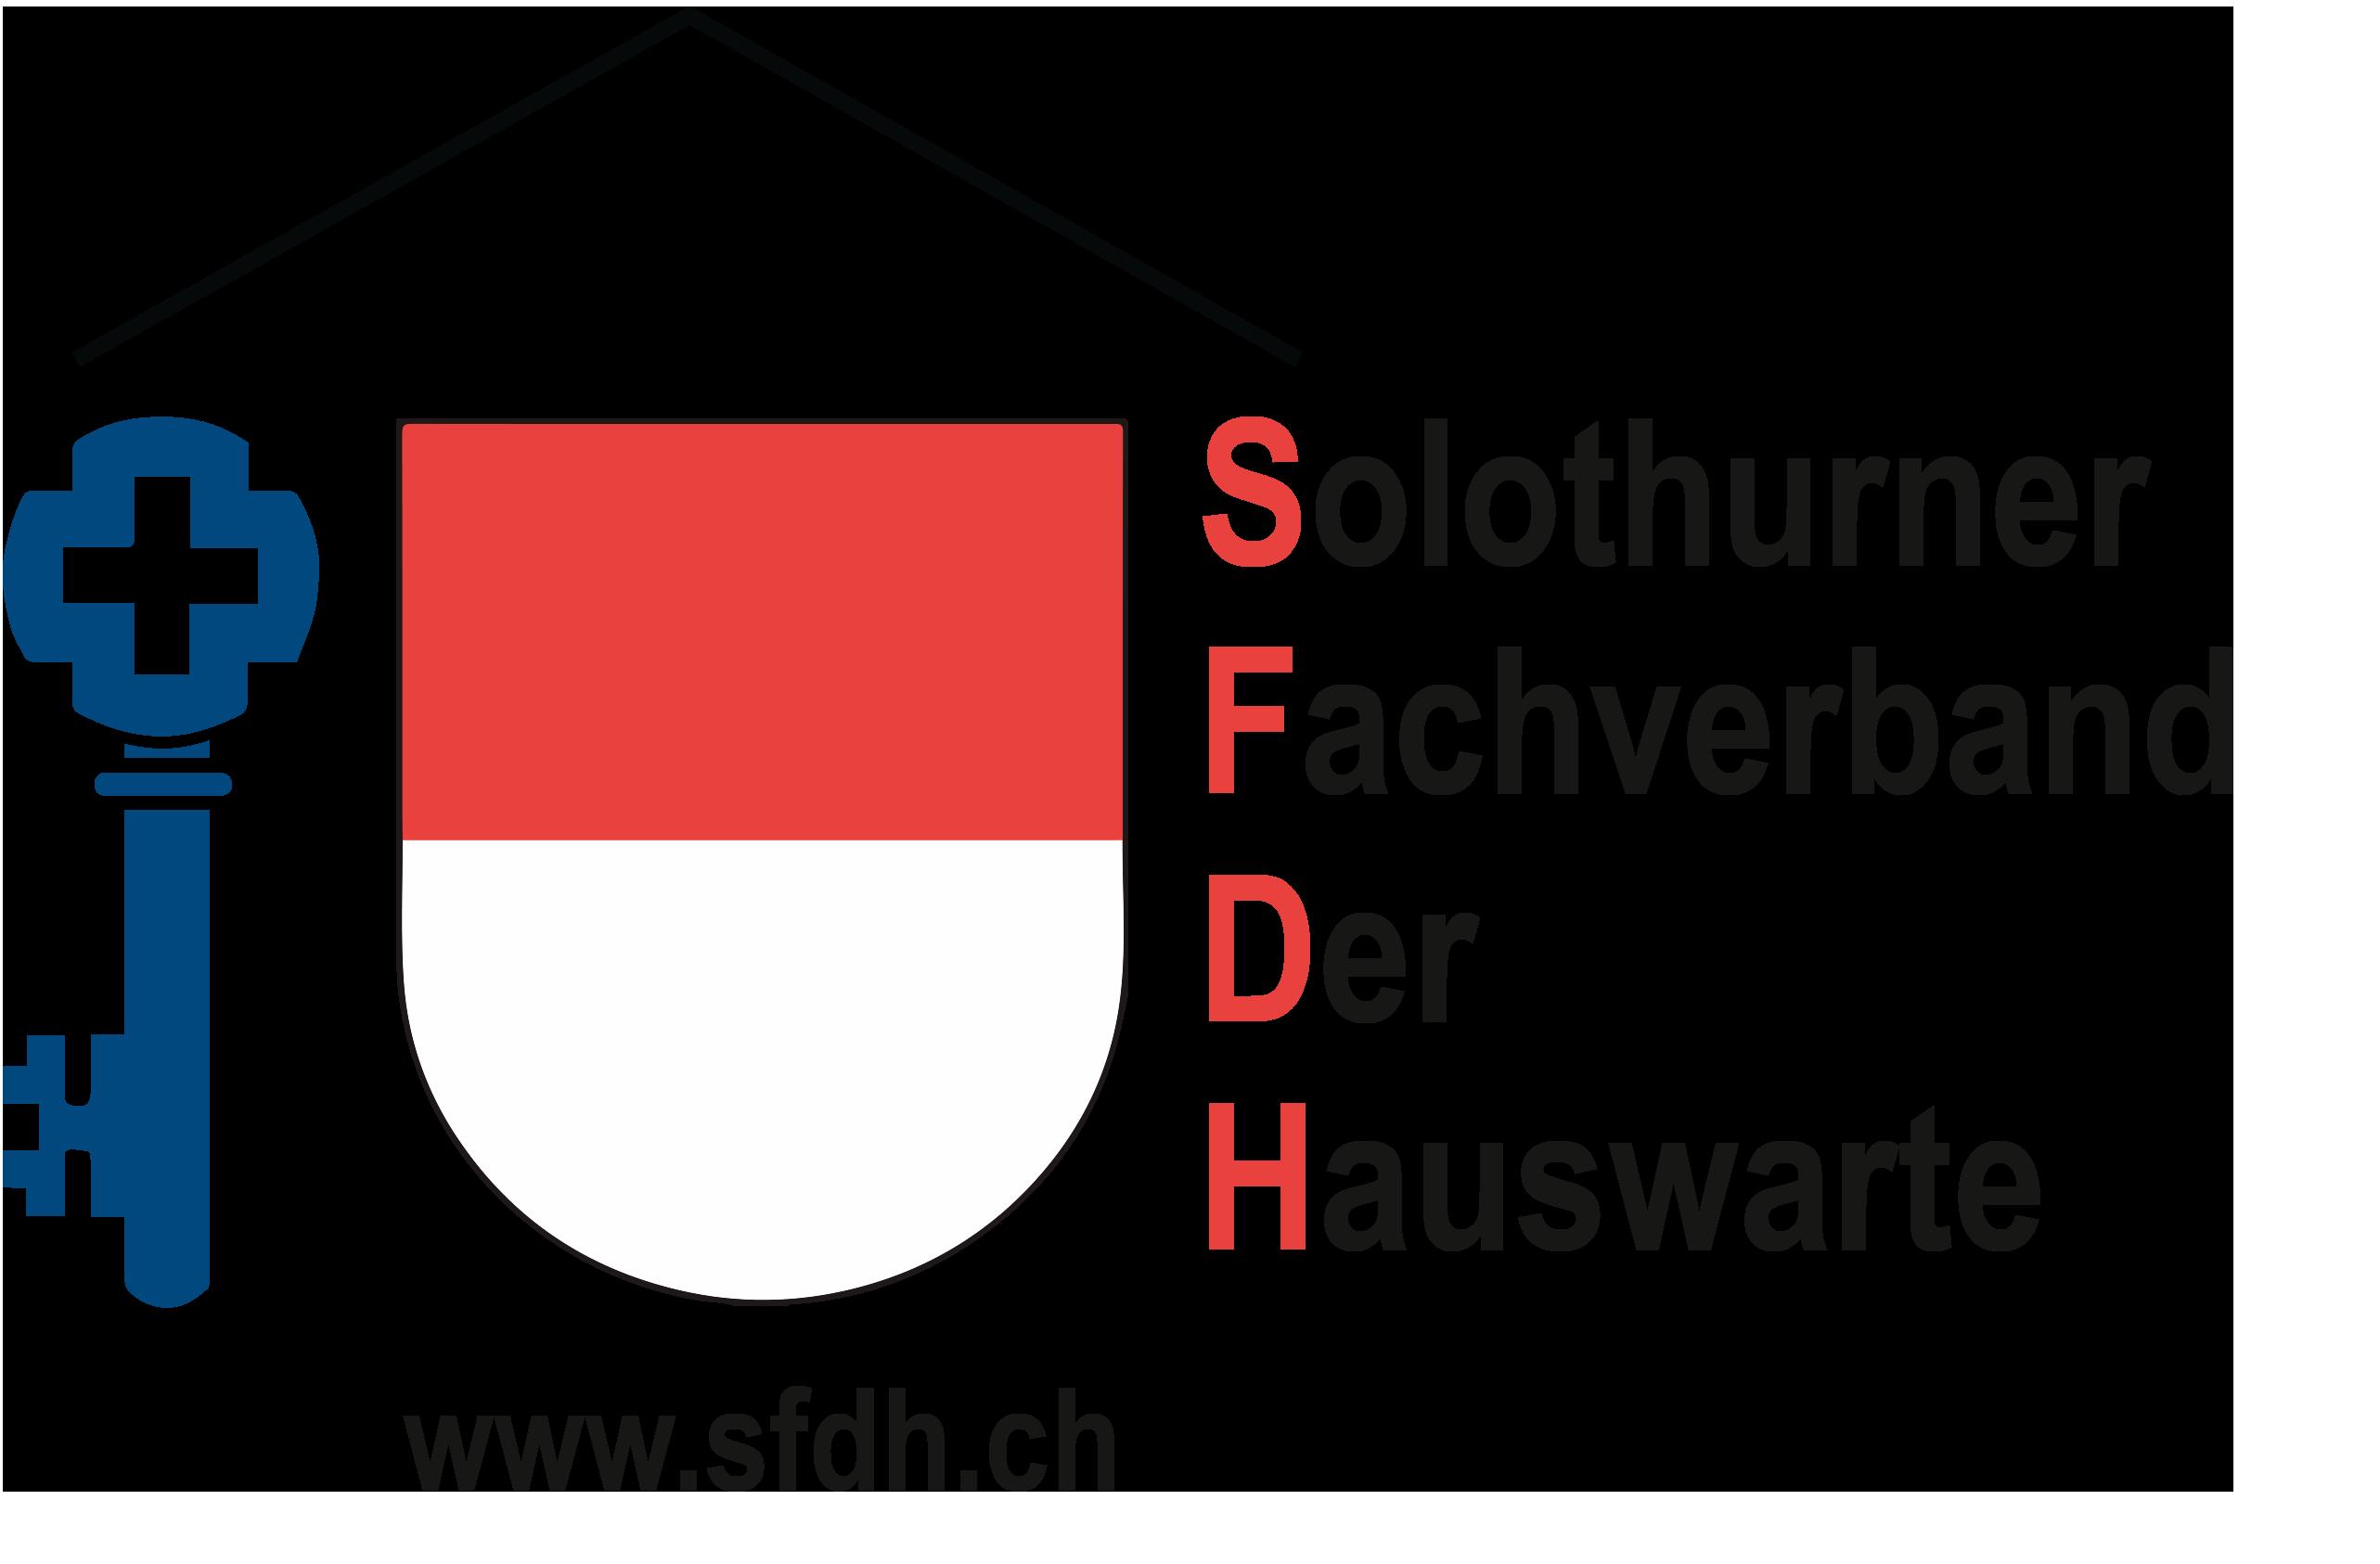 Solothurner Fachverband der Hauswarte